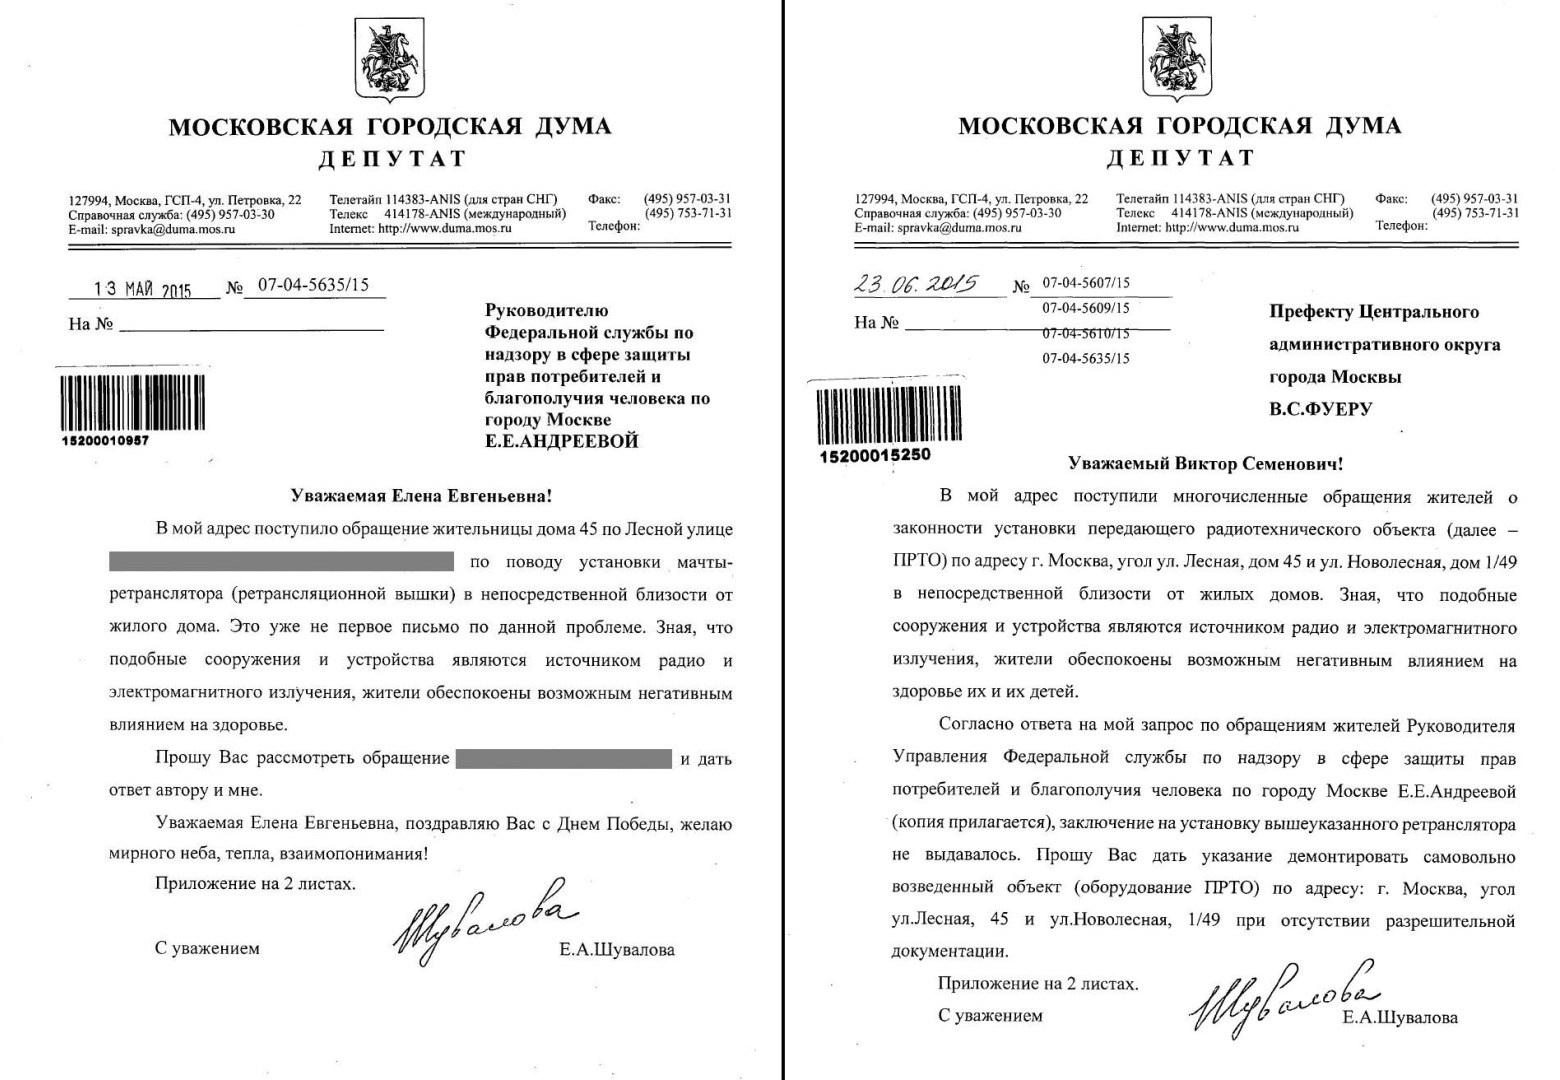 Запросы в Роспотребнадзор Андреевой и Префекту ЦАО Москвы Фуеру